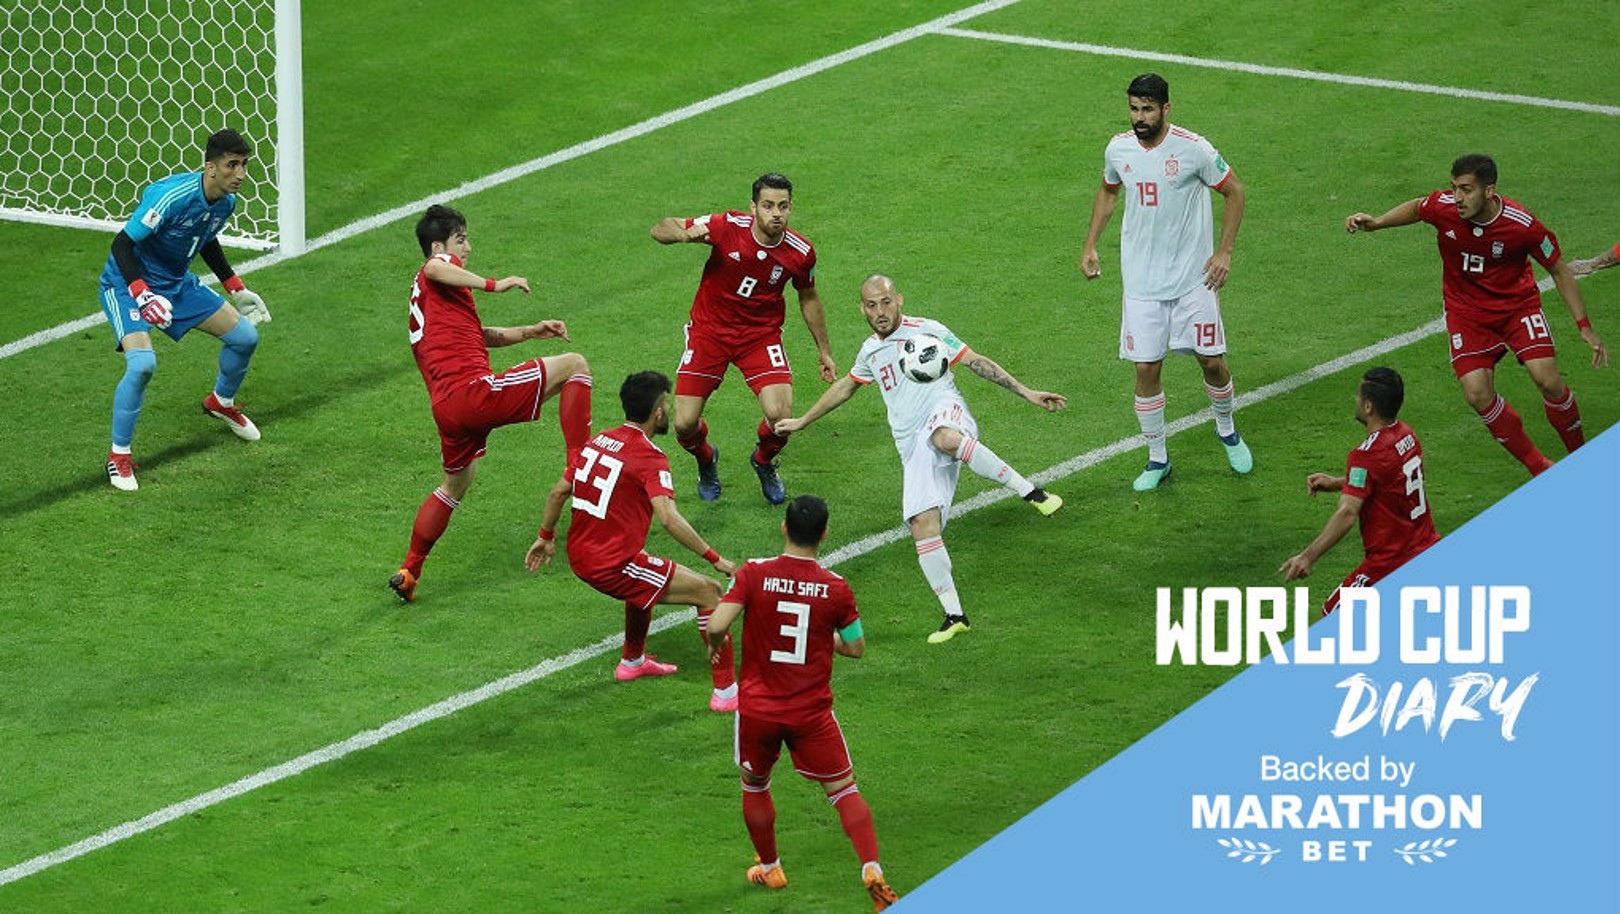 سيلفا يتألق في فوز إسبانيا على إيران بالمونديال